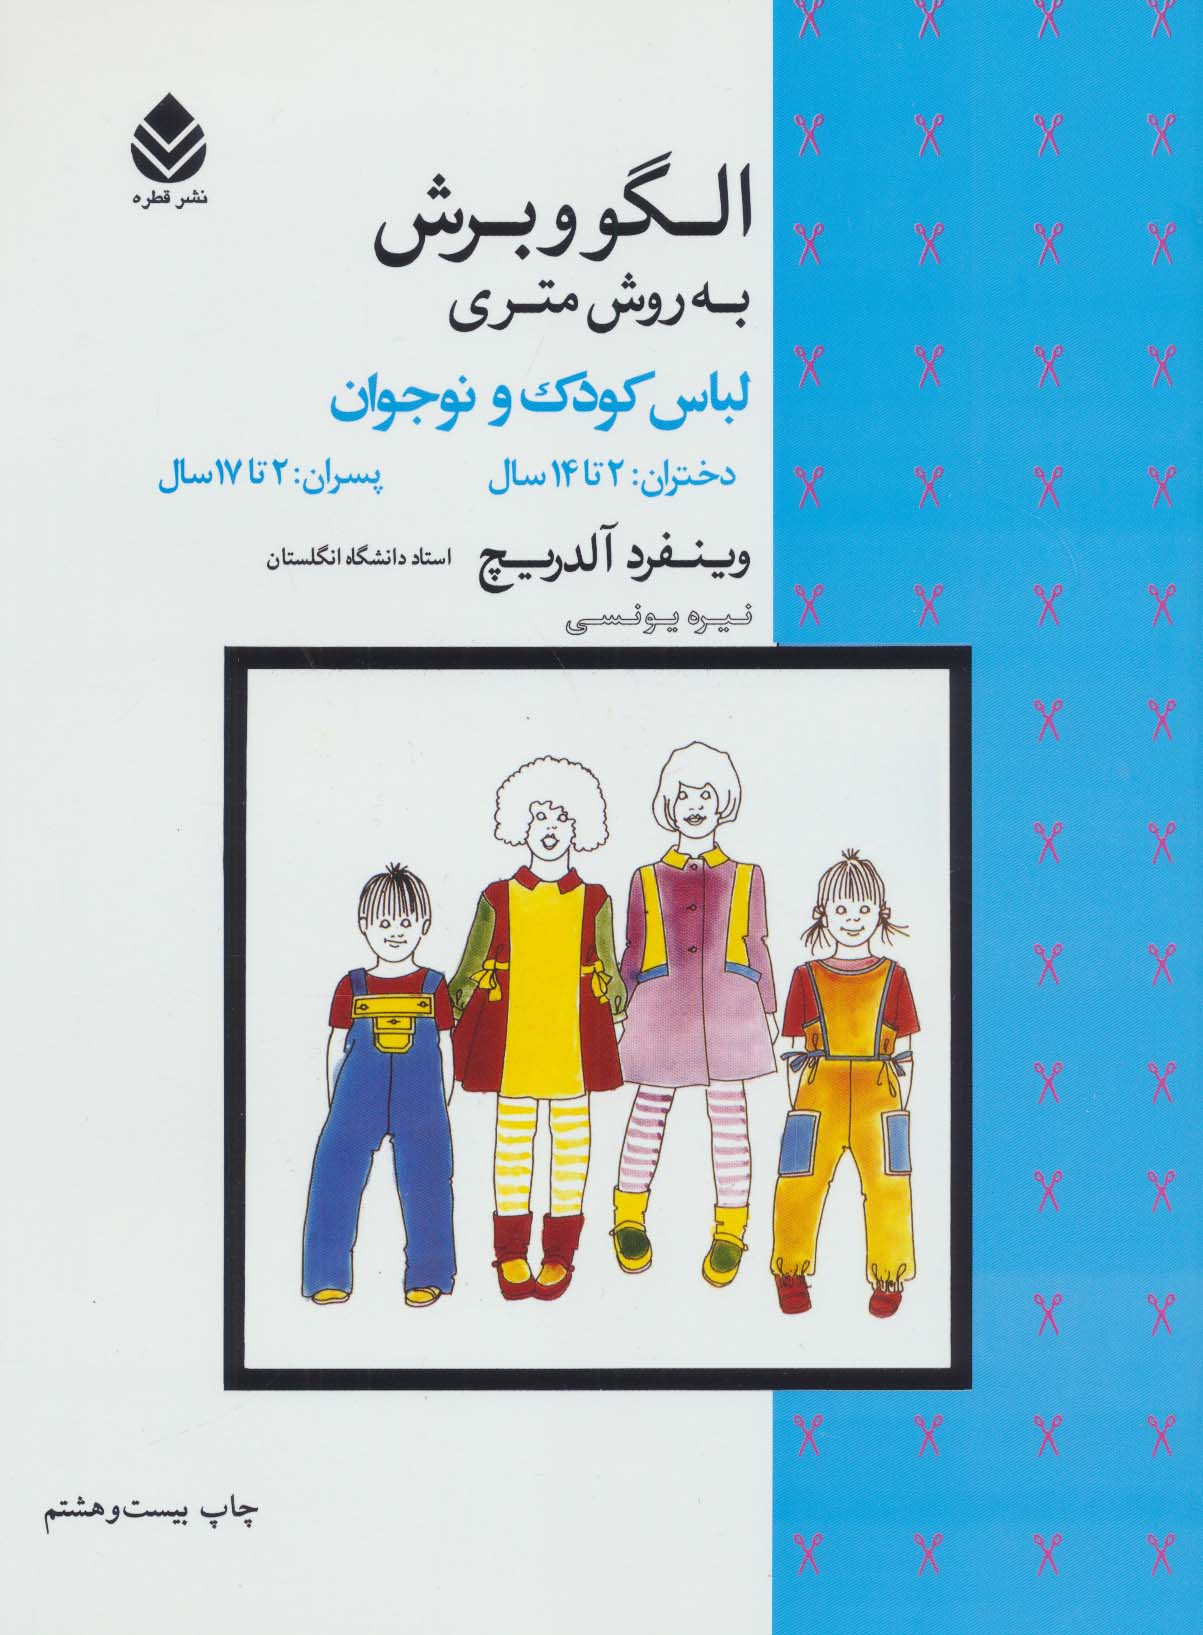 الگو و برش به روش متری (لباس کودک و نوجوان)